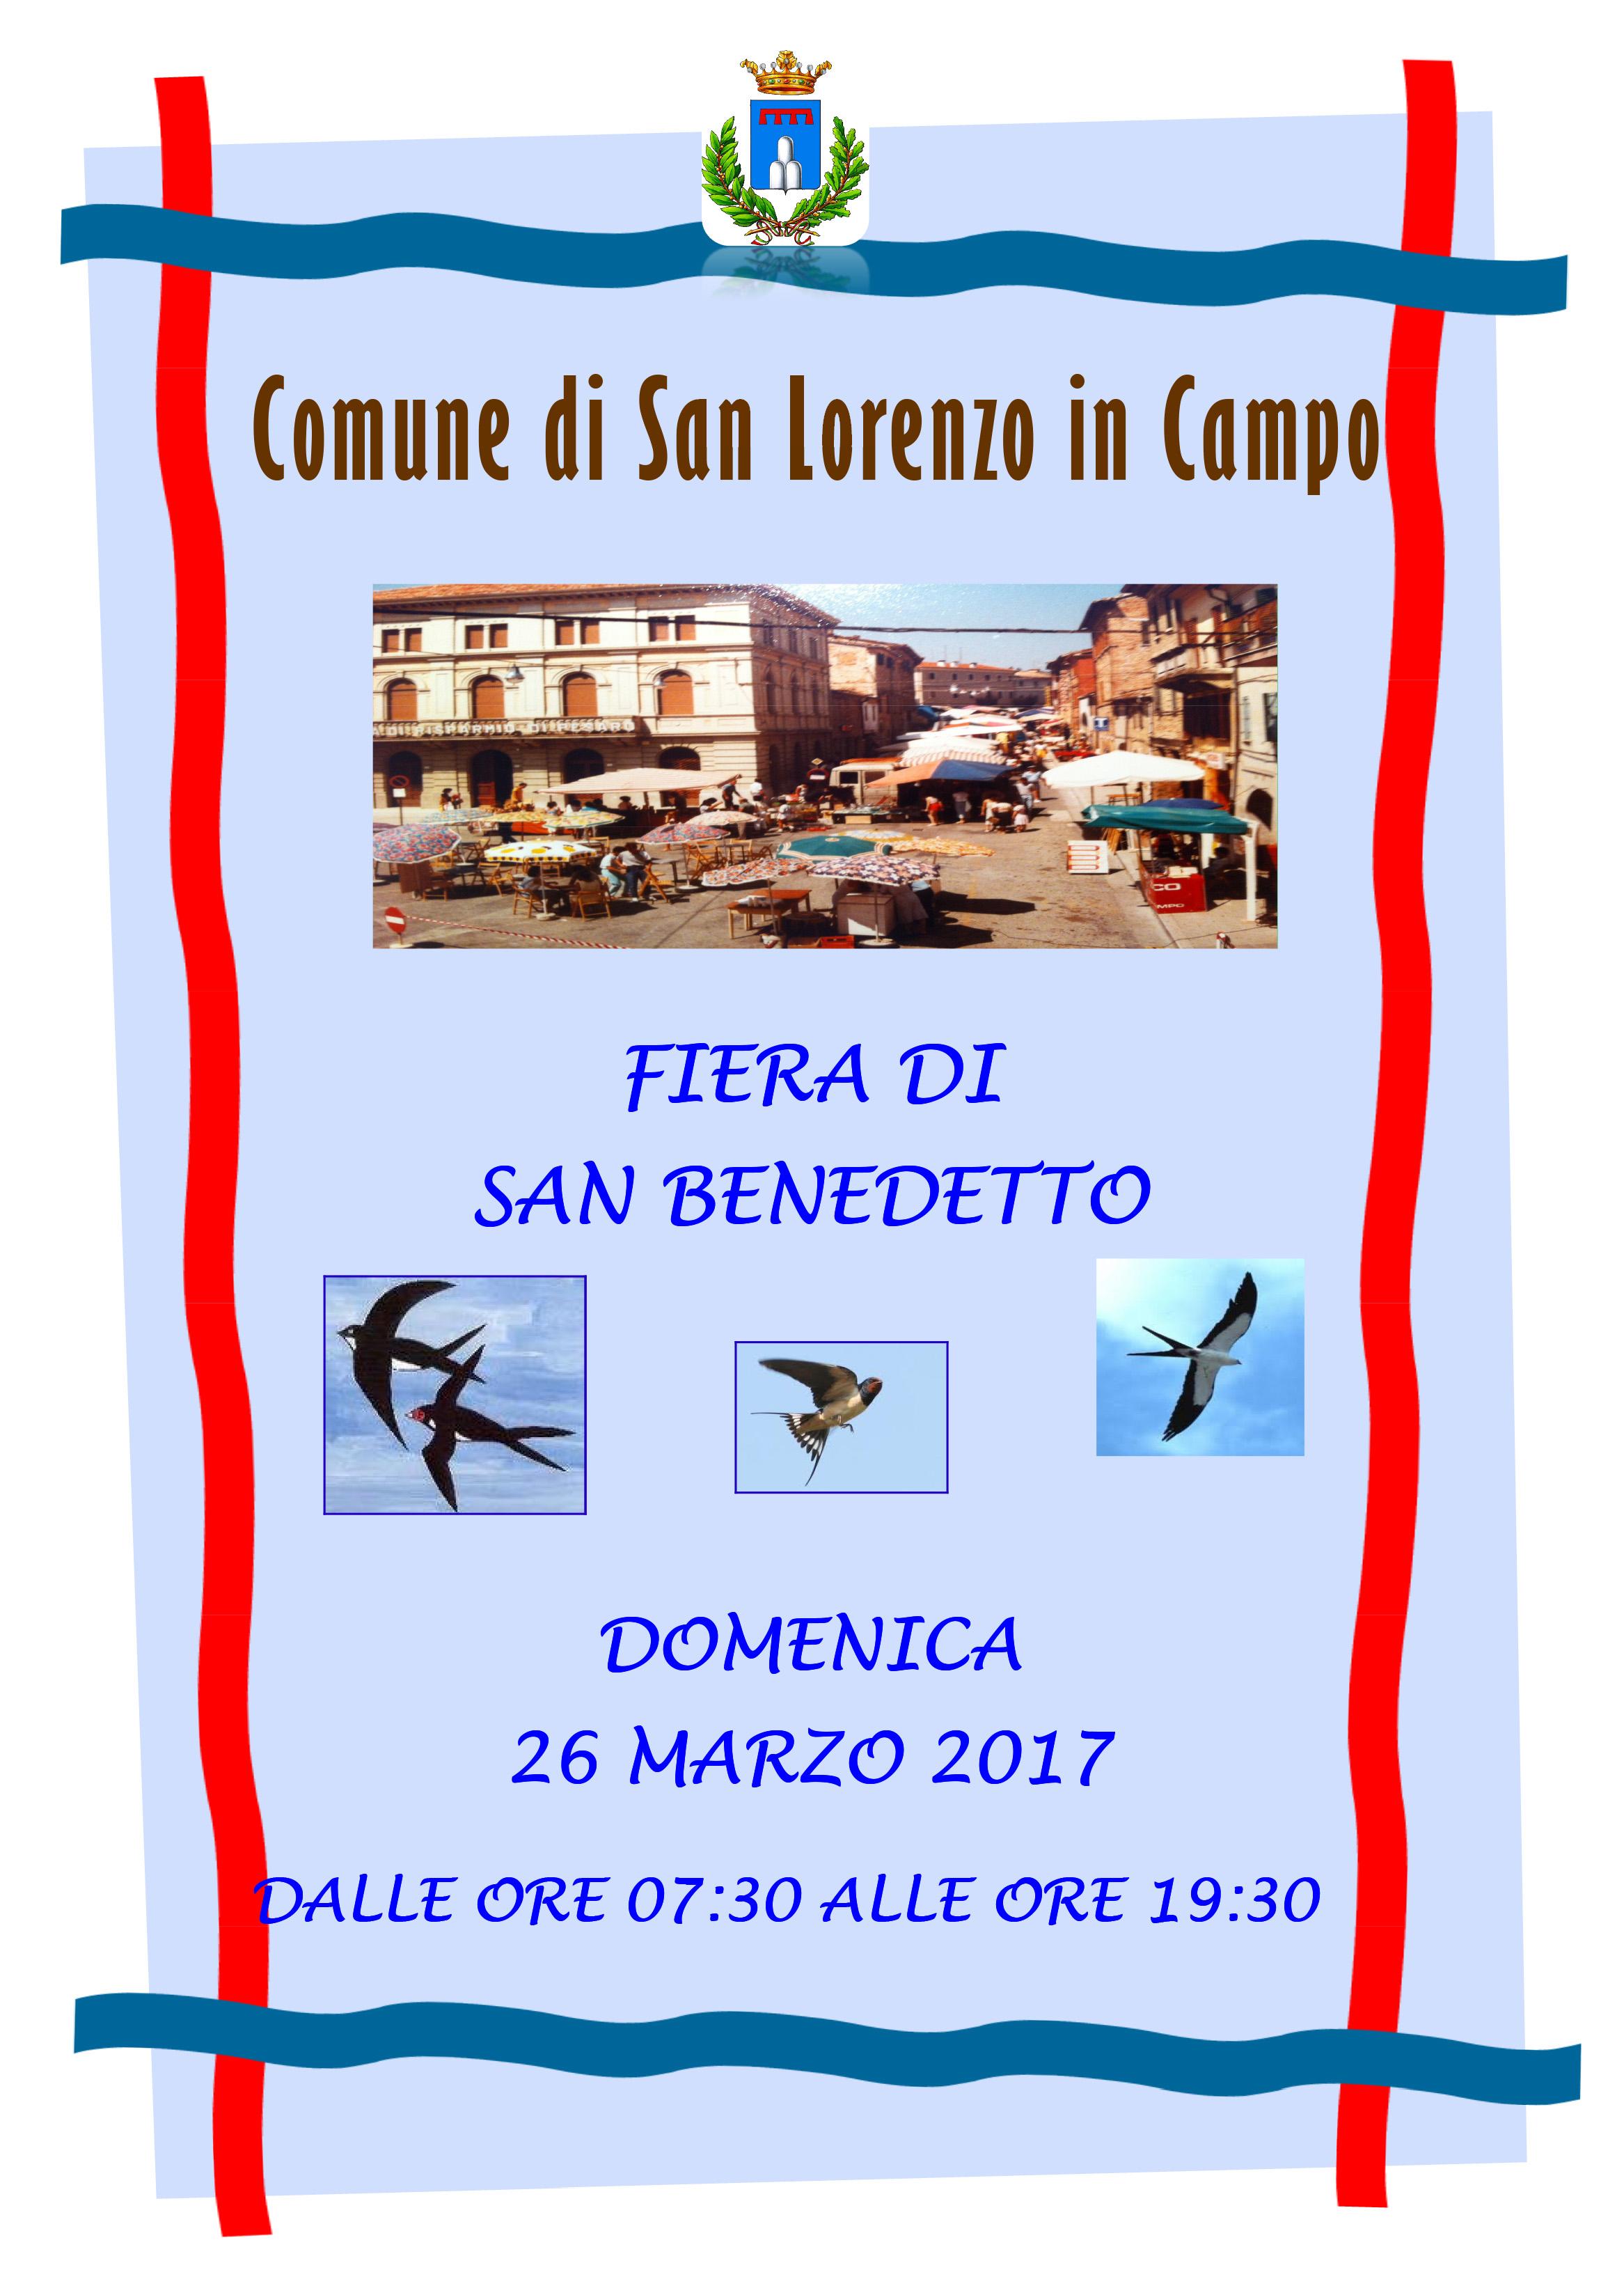 Fiera di San Benedetto 2017_26MAR17_Manifesto.pub